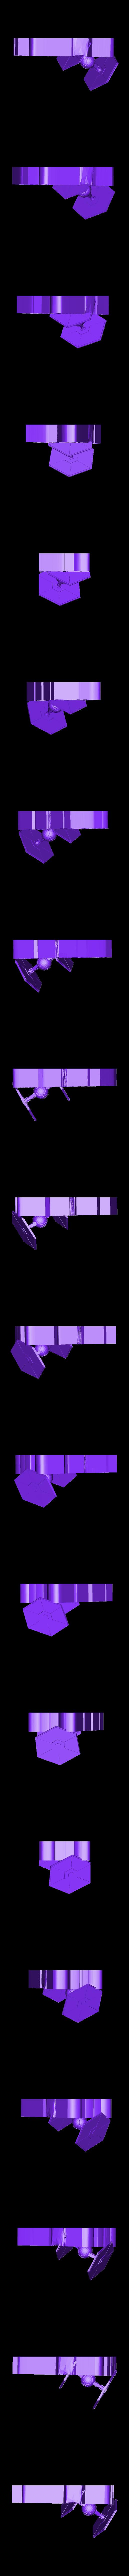 STAR_WARS_3D_logo.stl Télécharger fichier STL gratuit ⭐⭐⭐⭐⭐⭐ Star Wars - logo 3D • Design imprimable en 3D, FiveNights